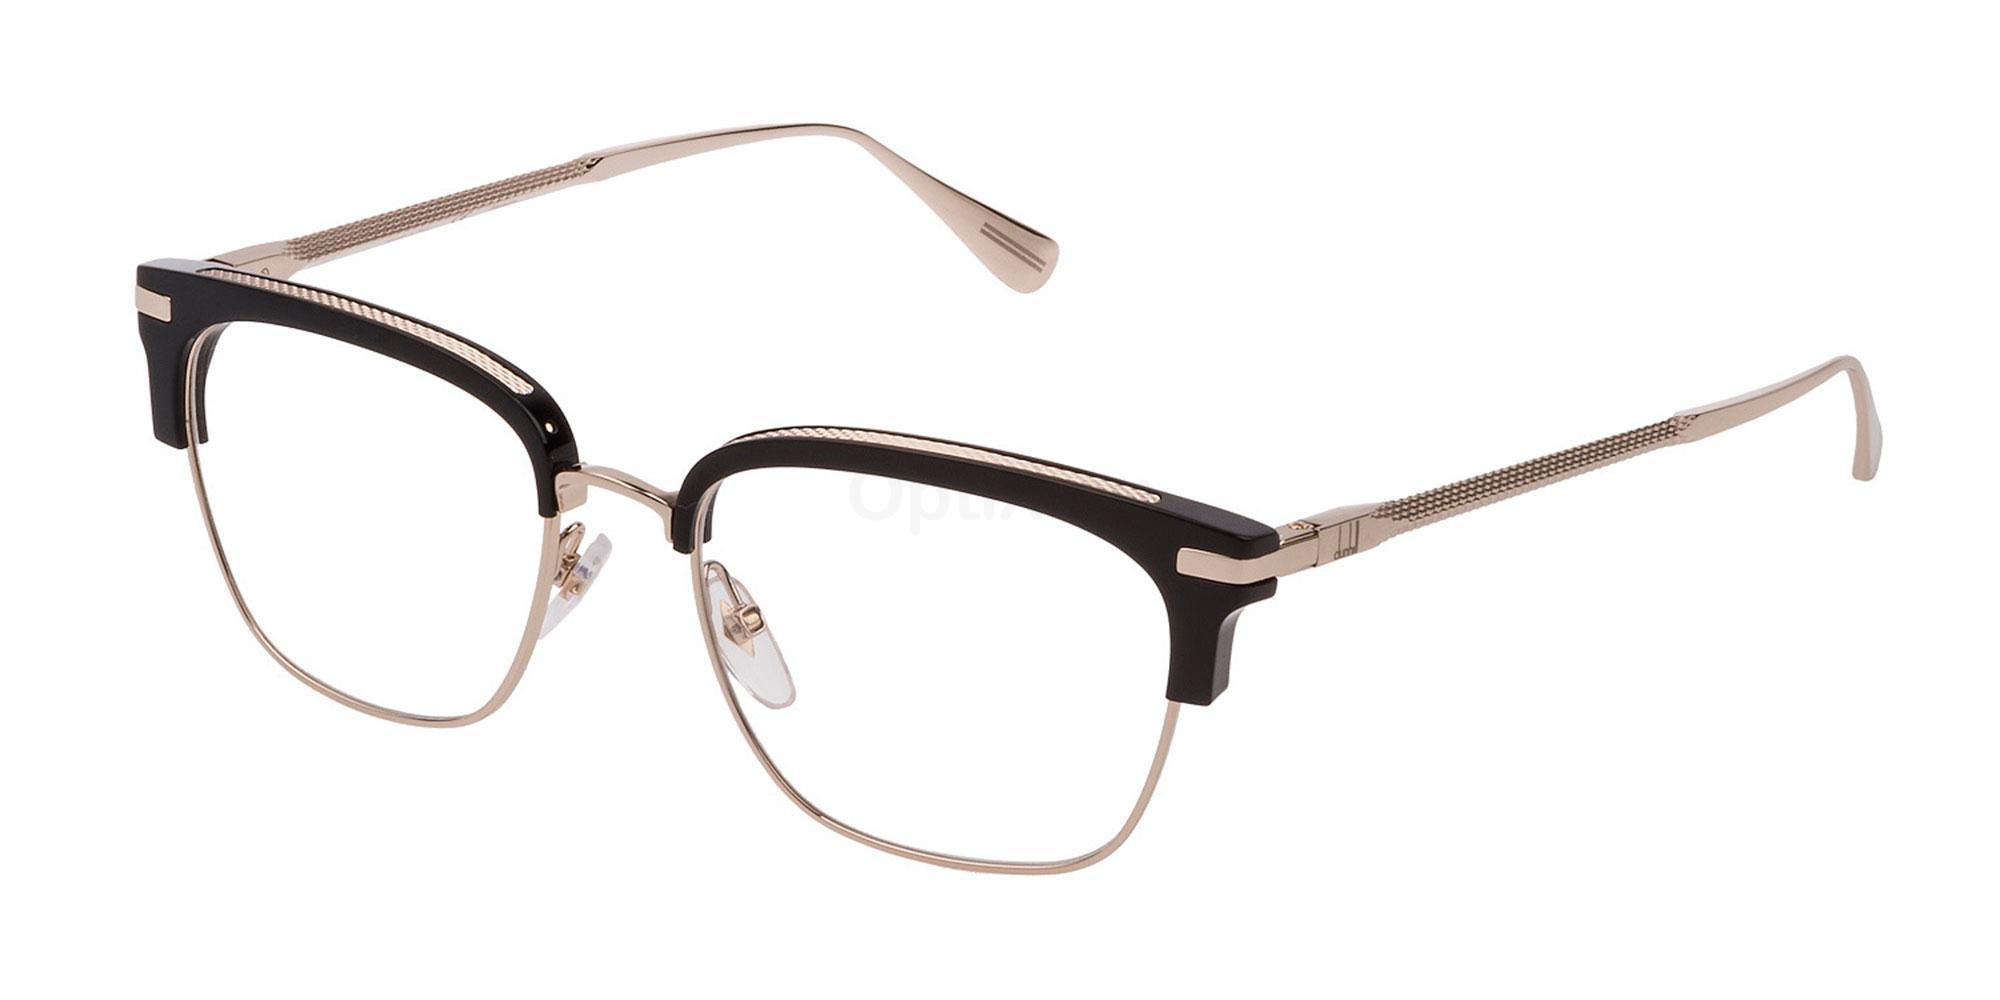 0300 VDH157 Glasses, Dunhill London